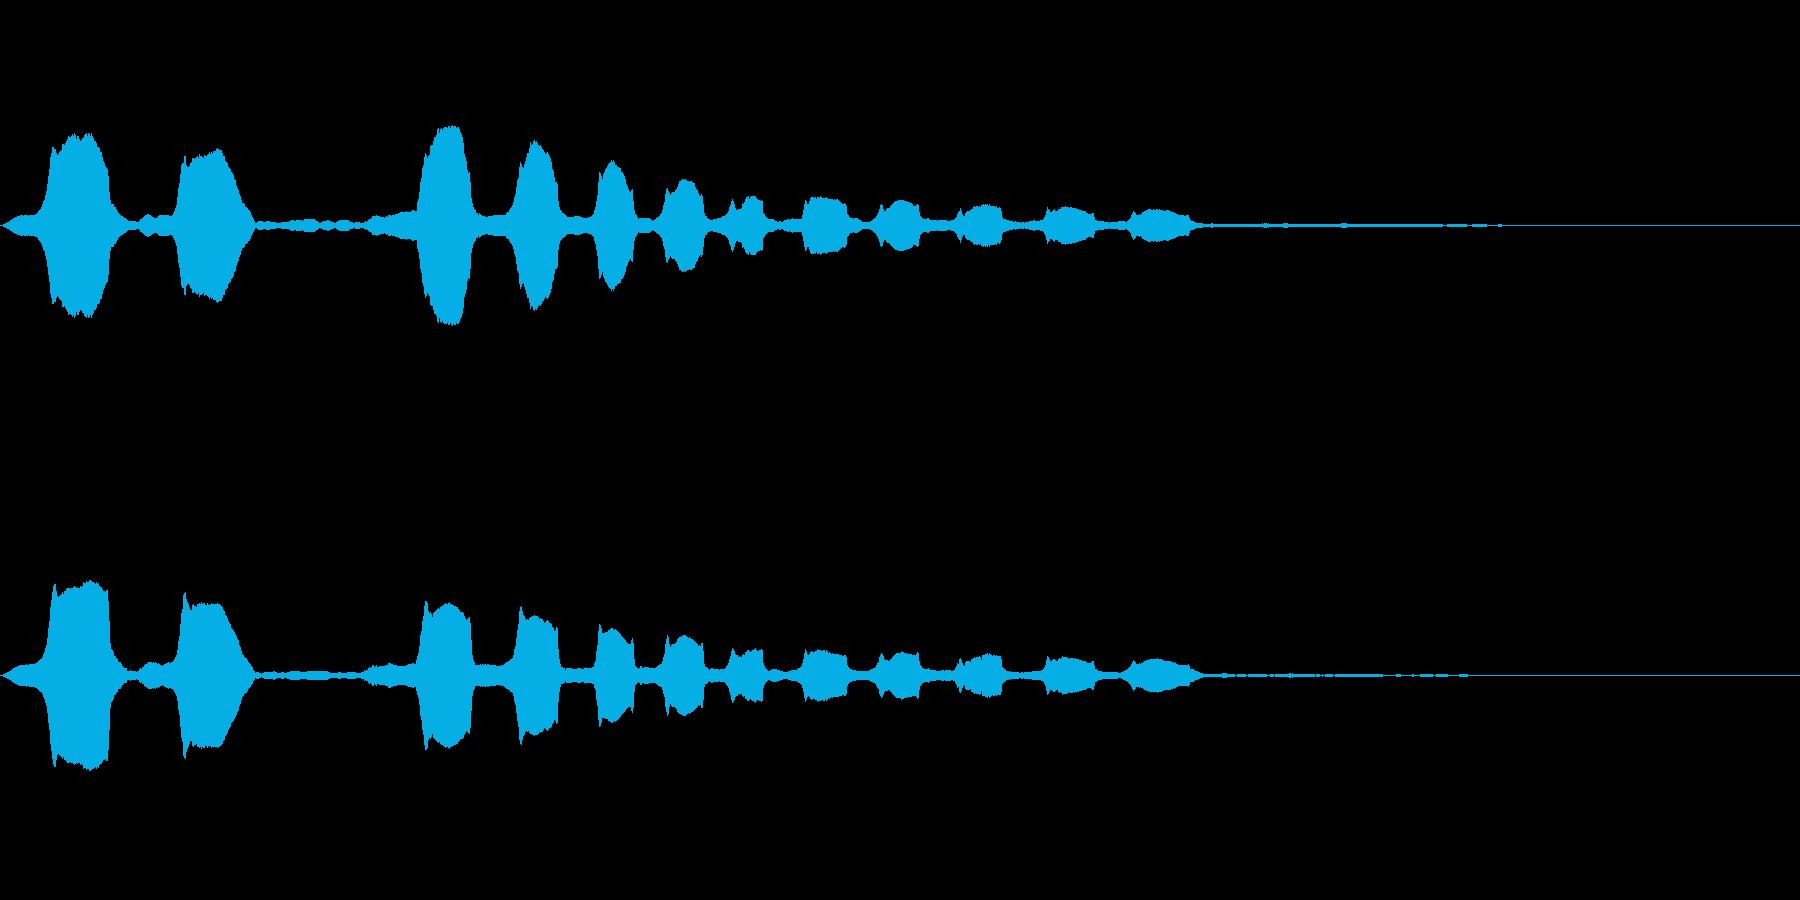 コメディタッチ (ホワンホワンホワン)の再生済みの波形